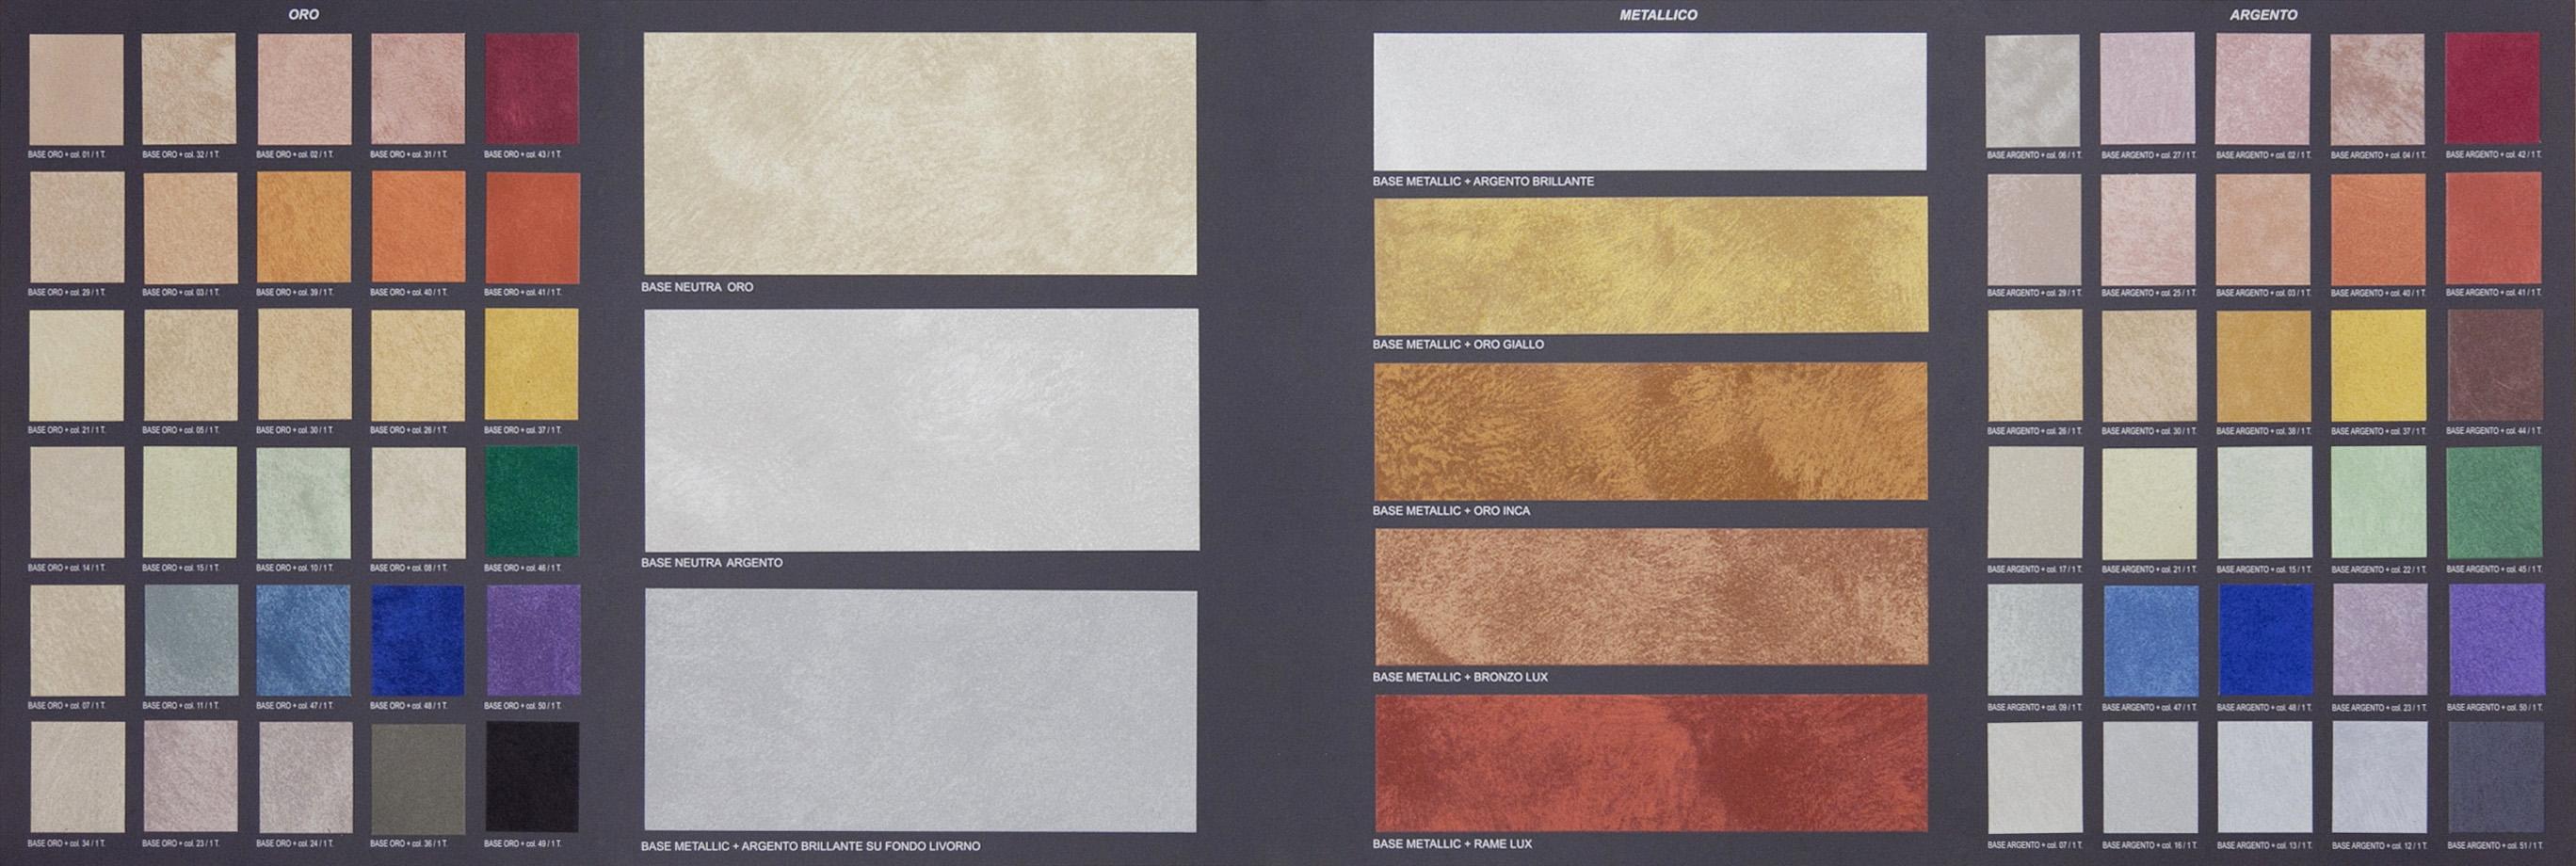 Eccellente cartelle colori pareti qb05 pineglen for Cartella colori pittura pareti